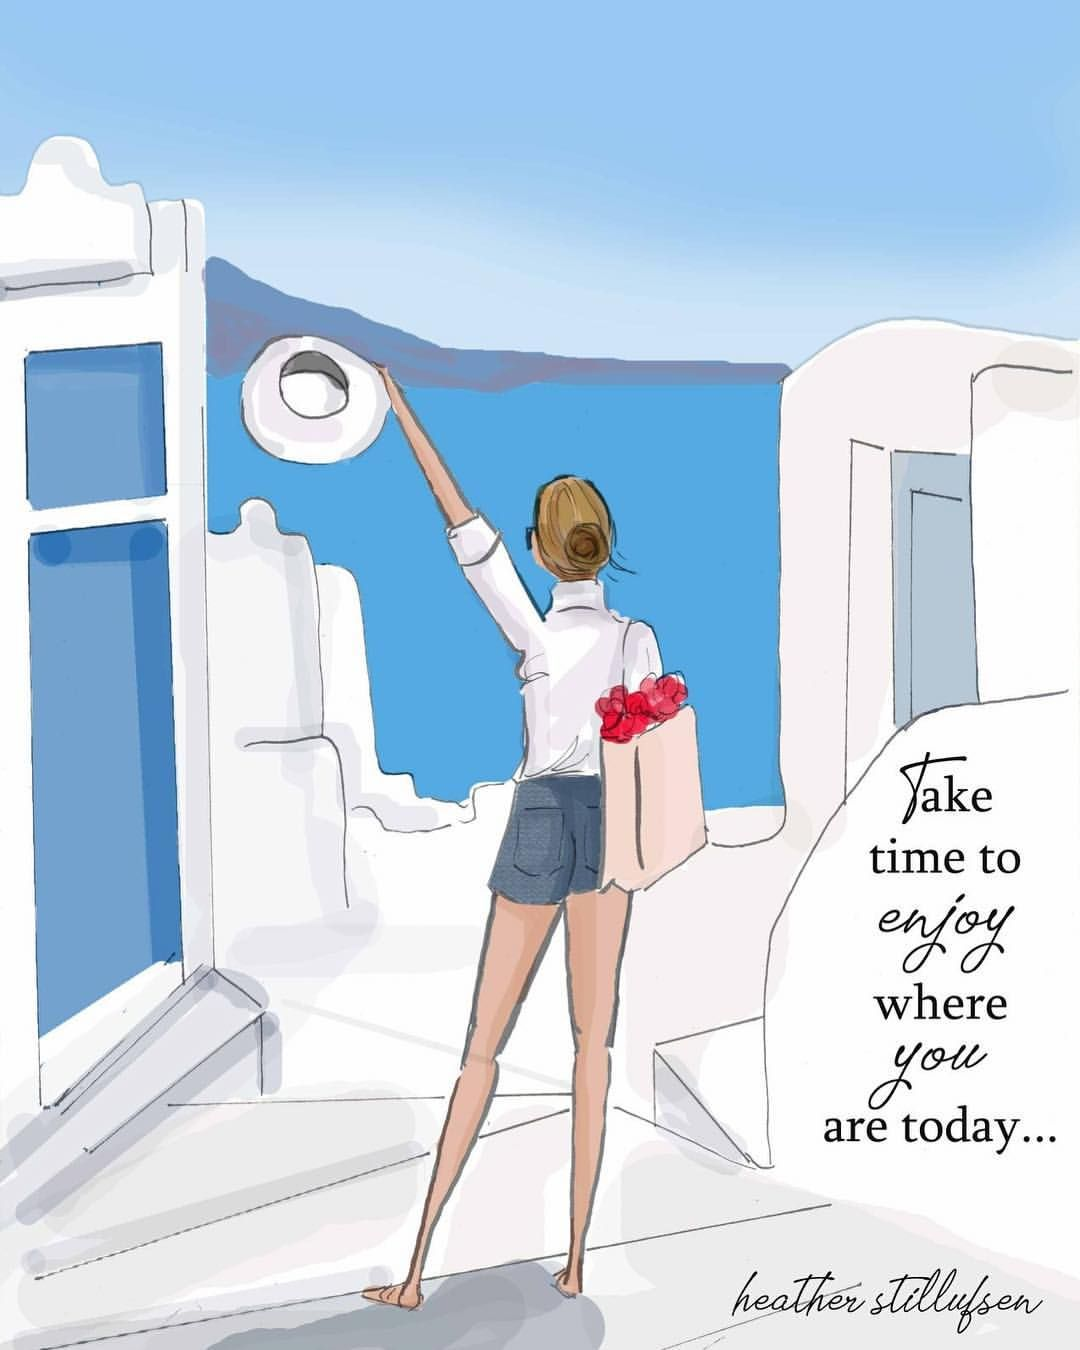 Take time to enjoy where YOU are TODAY...💙 #saturday #heatherstillufsen #heatherstillufsenart #summer #summertravels #greece